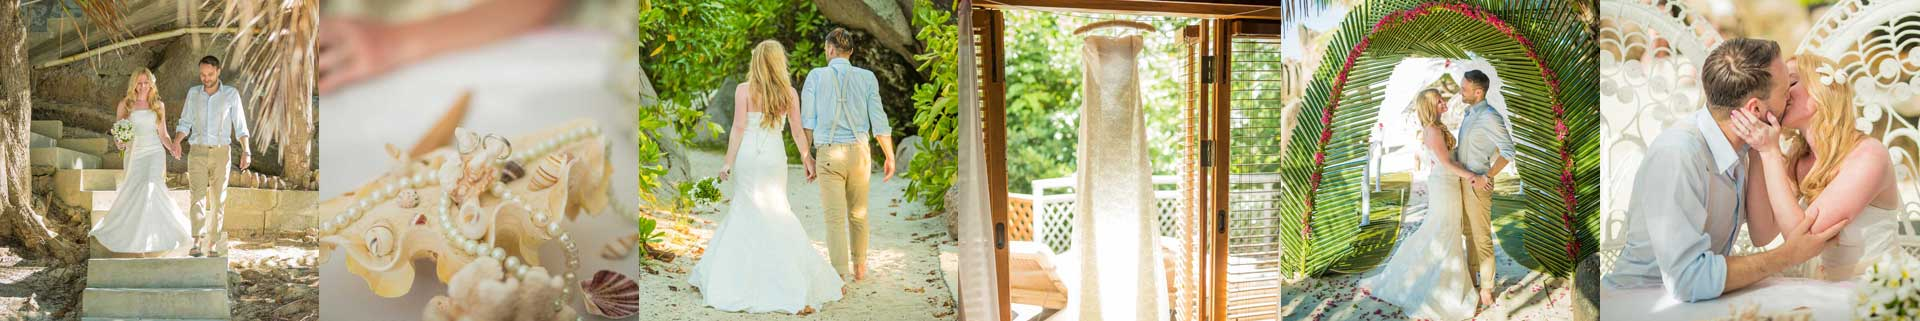 heiraten mit ausländer